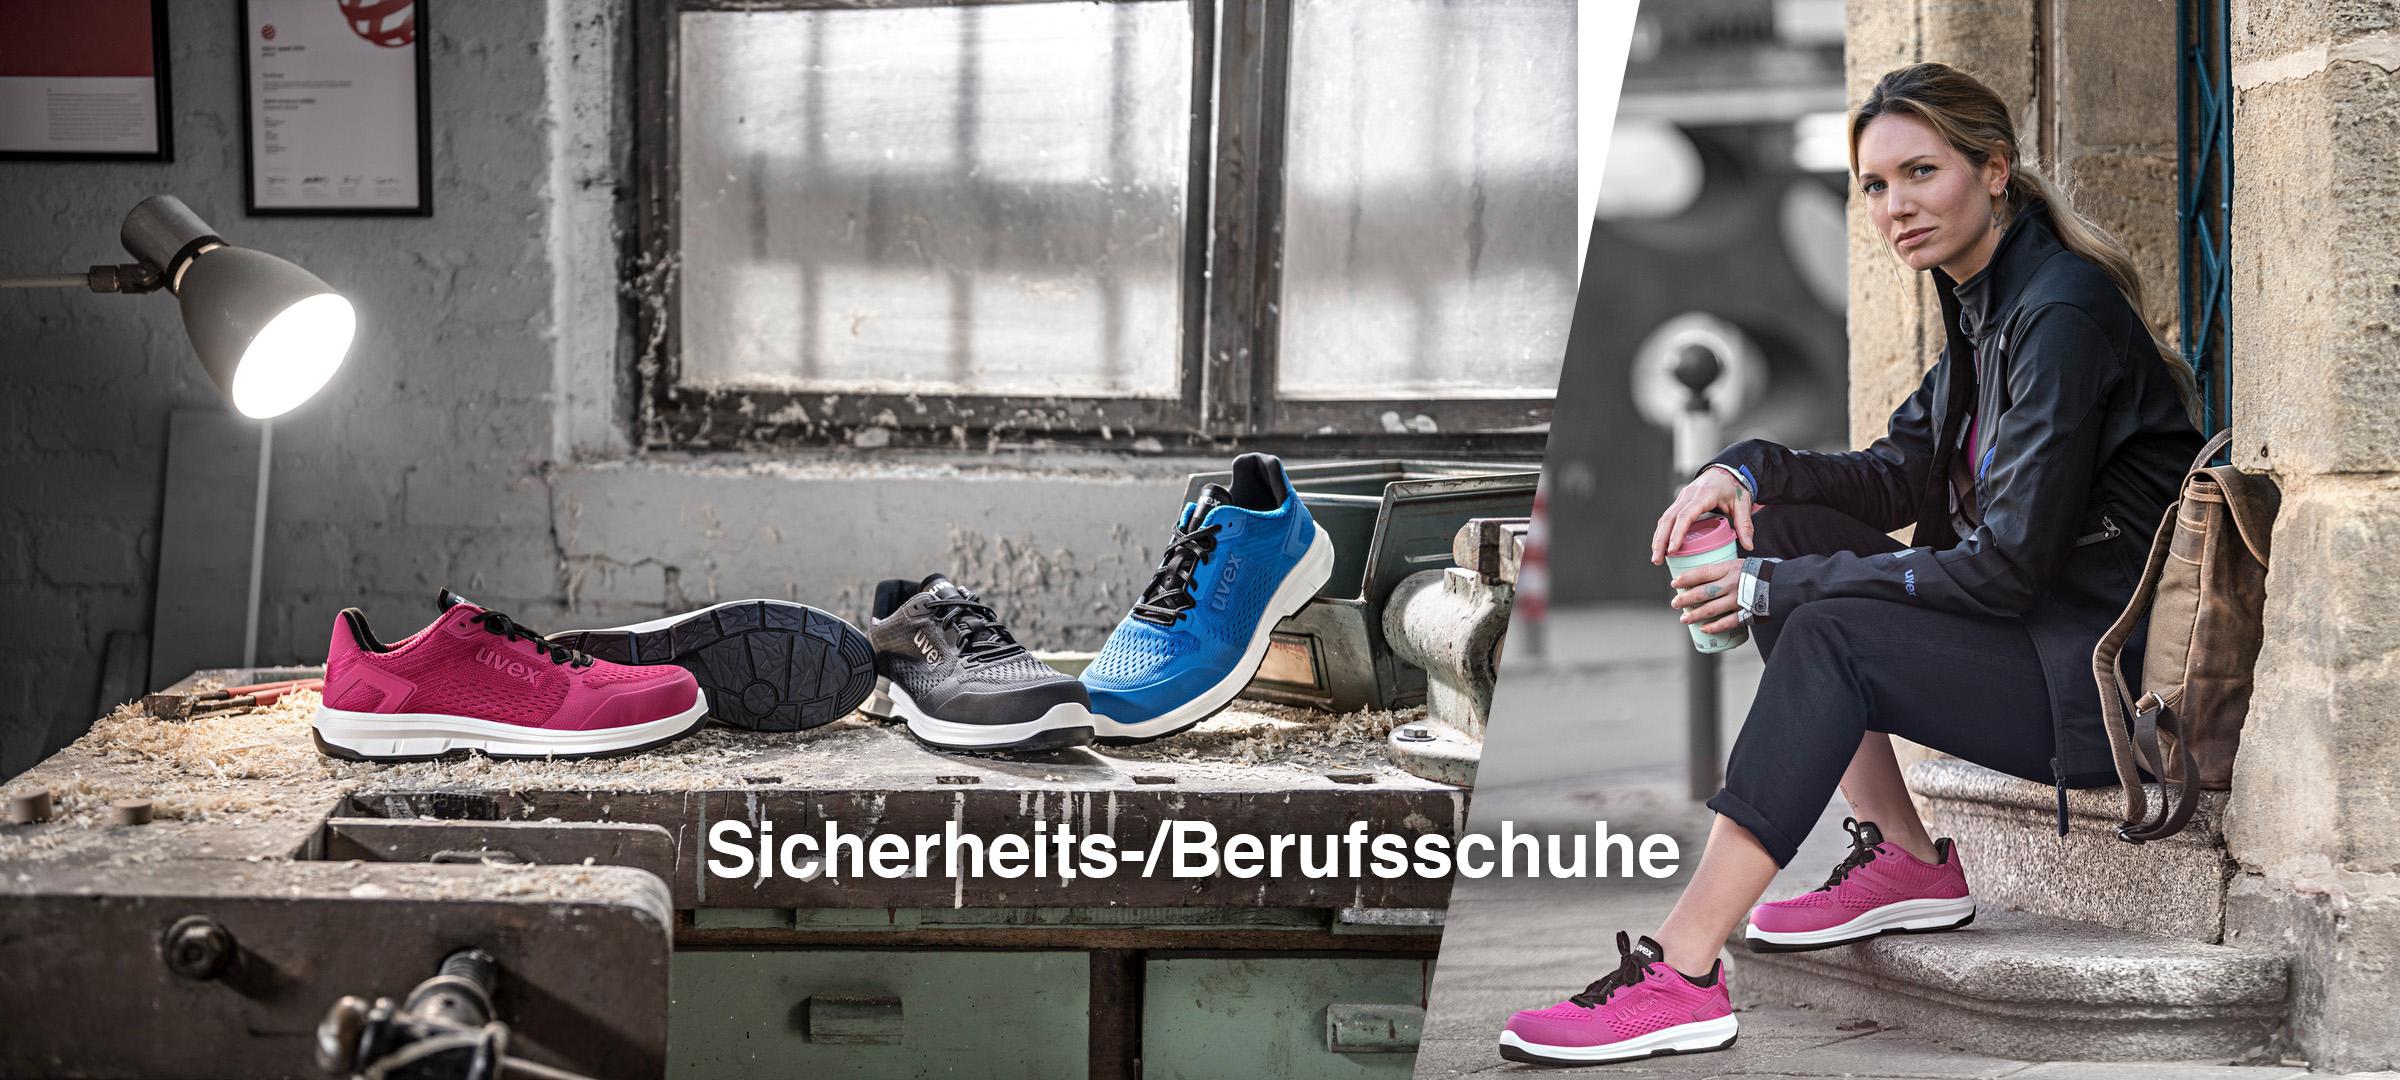 Sportliche Sicherheitsschuhe Sneaker Look - uvex 1 sport